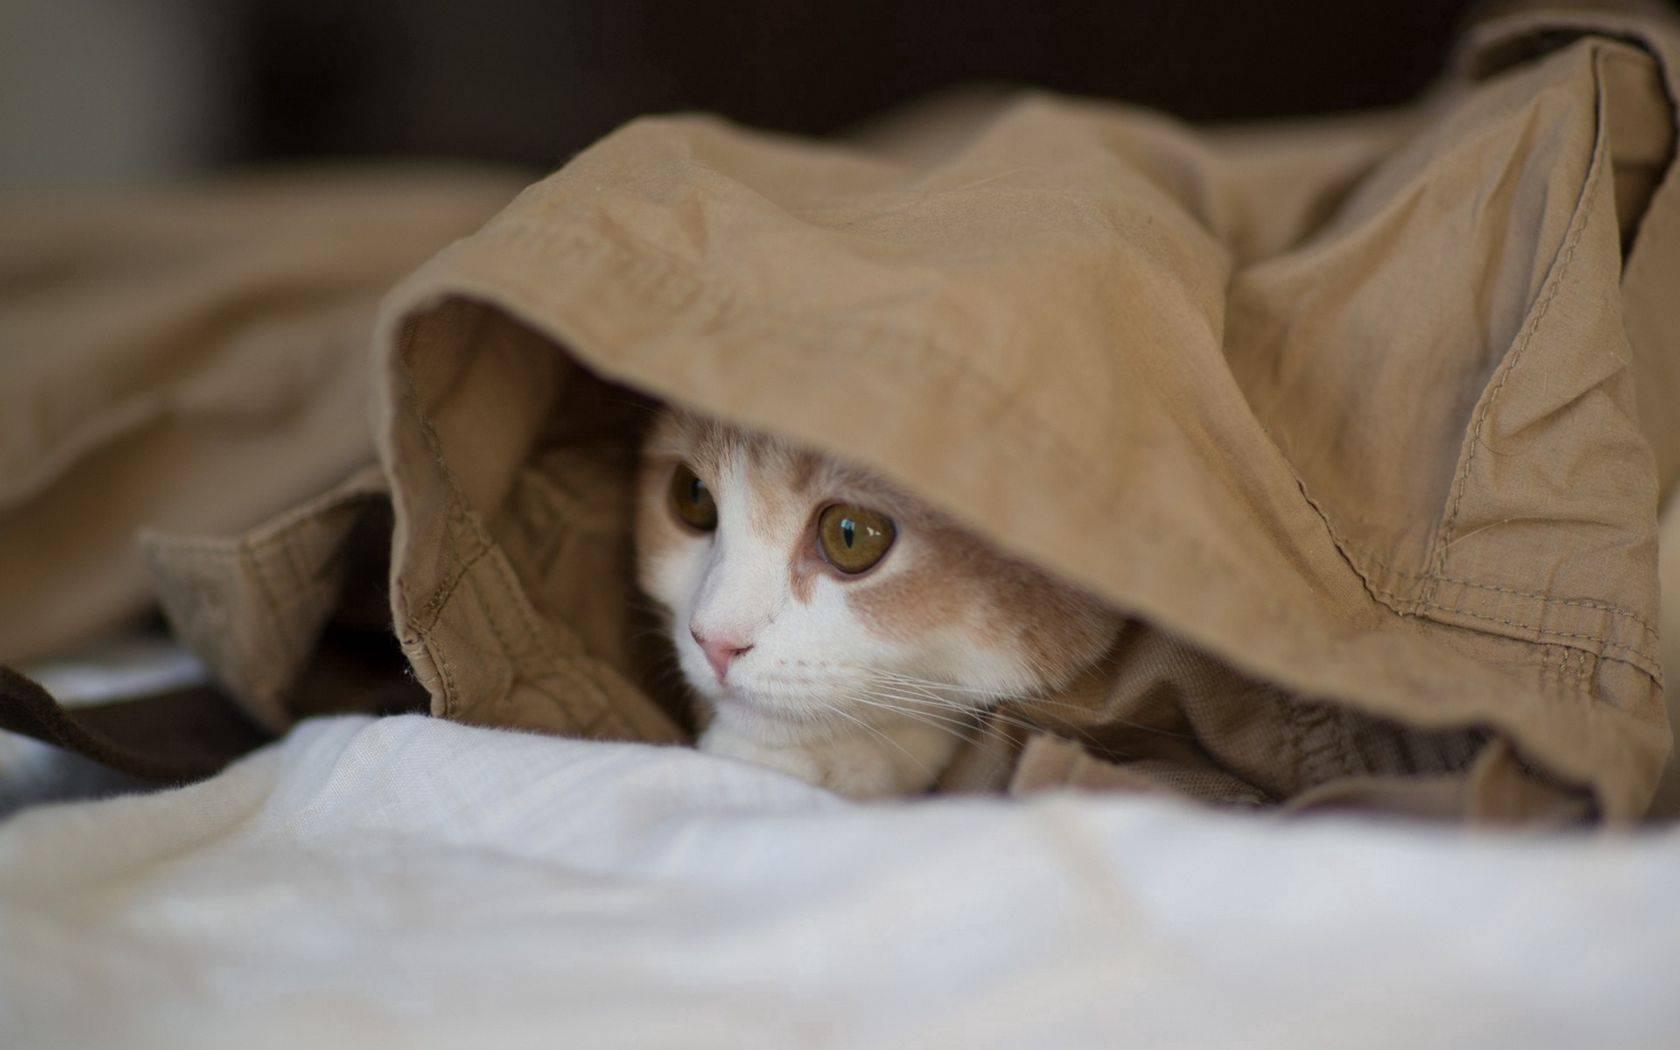 Почему кошка прячется под одеяло: топ-7 причин почему кошка прячется под одеяло: топ-7 причин